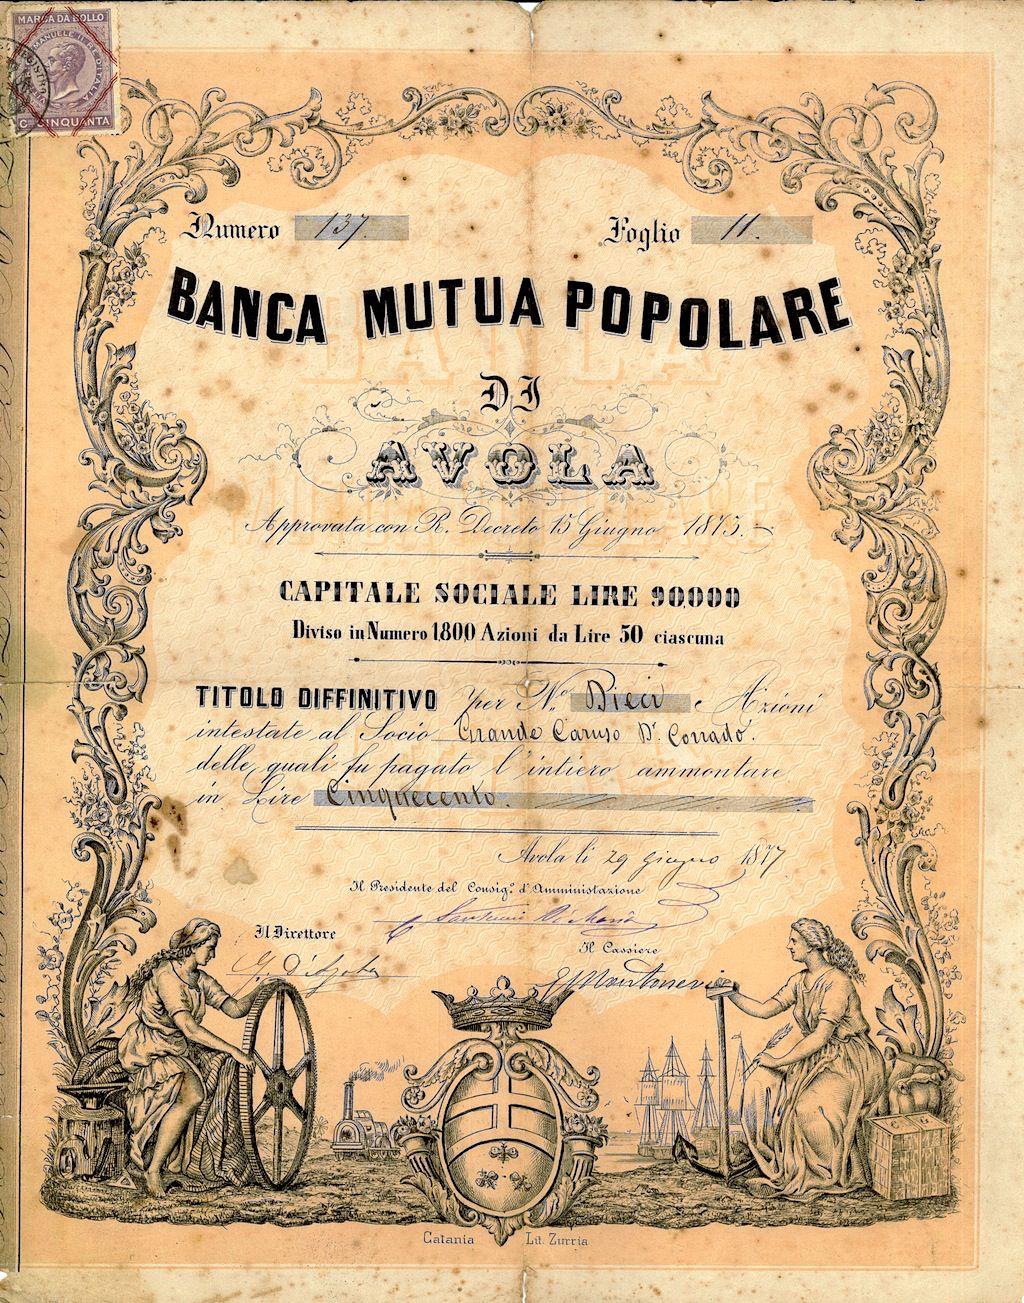 1877-banca-mutua-popolare-di-avola-2